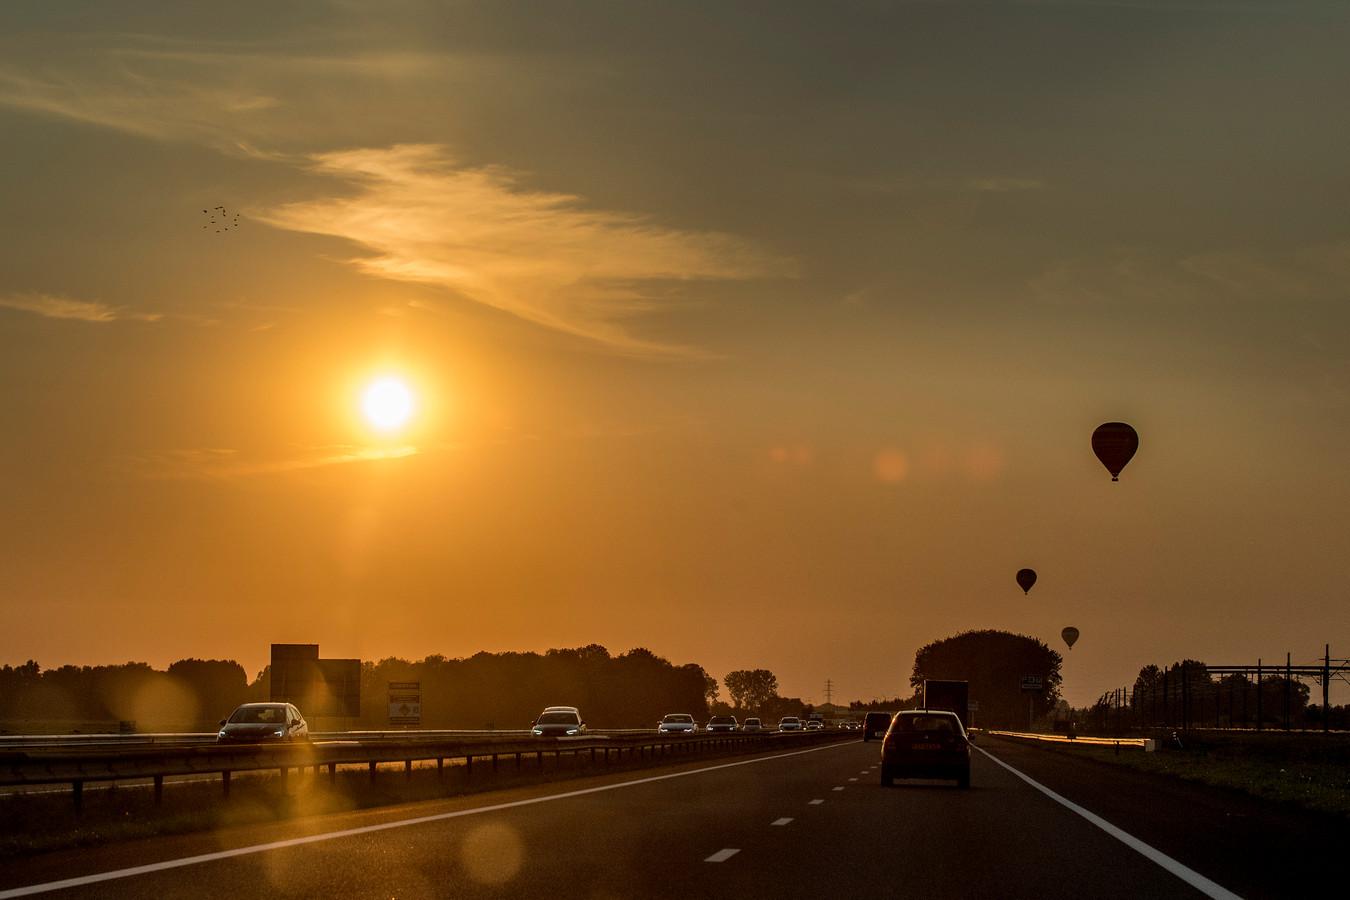 Luchtballonnen bij een ondergaande zon, gezien vanaf de snelweg A15.